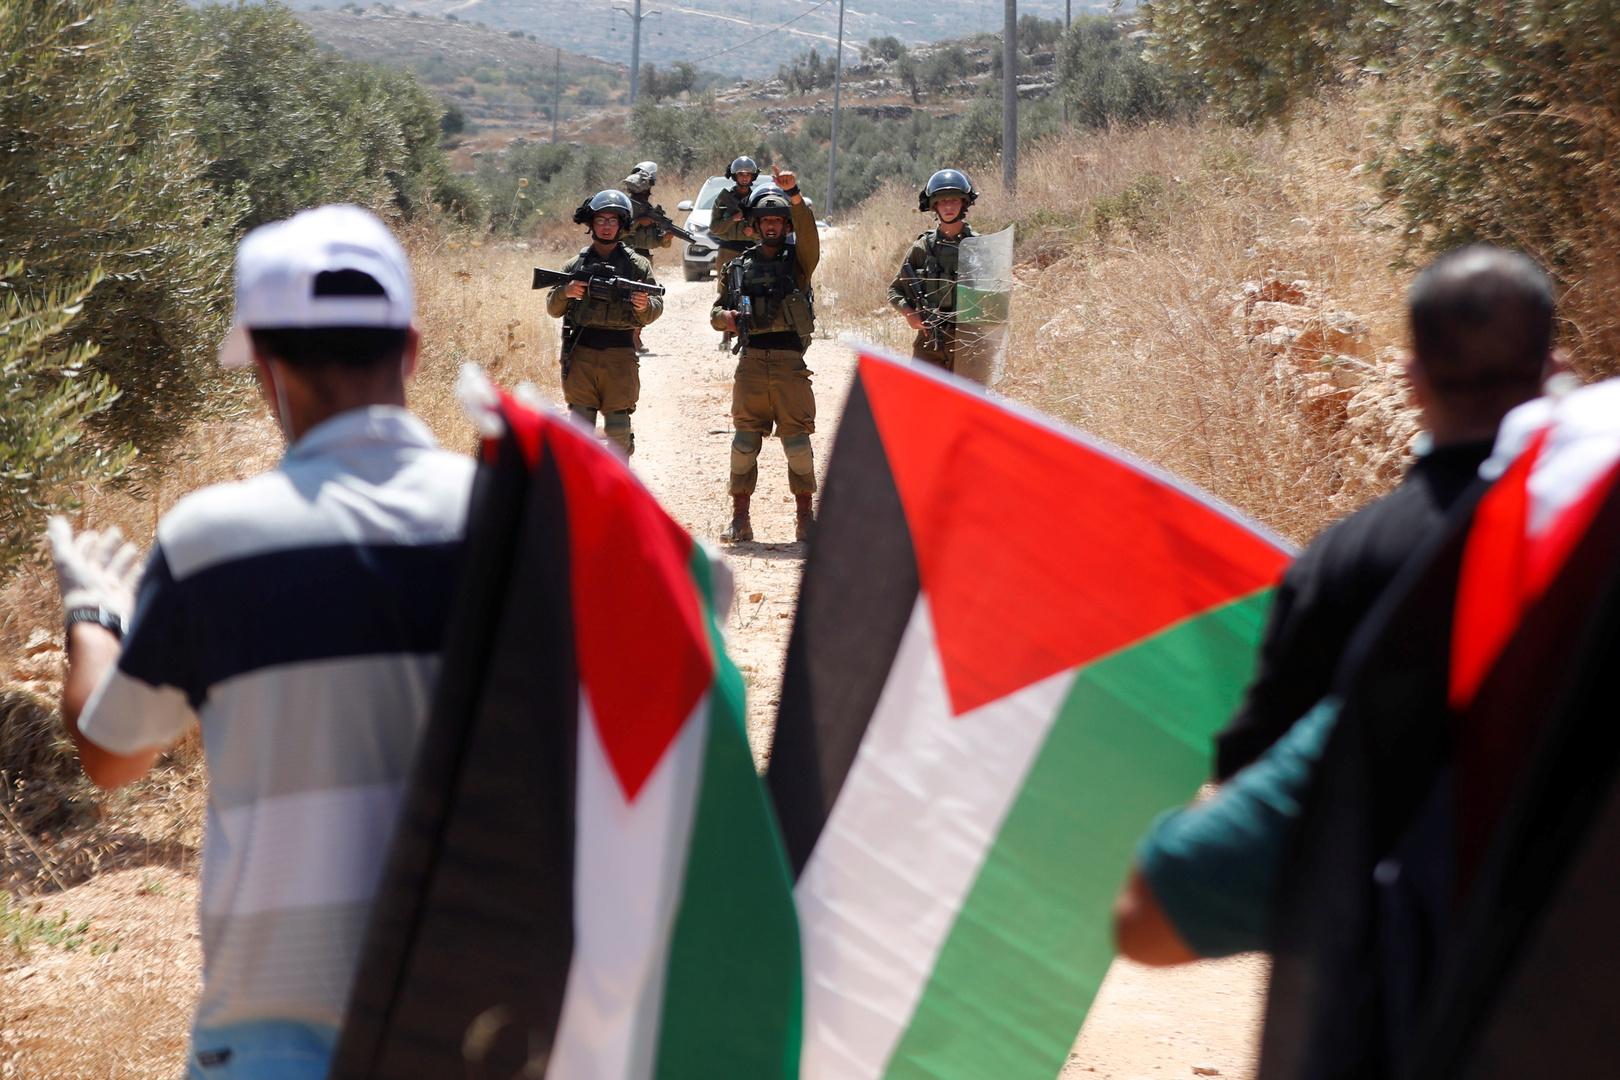 مواطنون يحملون الأعلام الفلسطينية وبوجههم جنود من الجيش الإسرائيلي